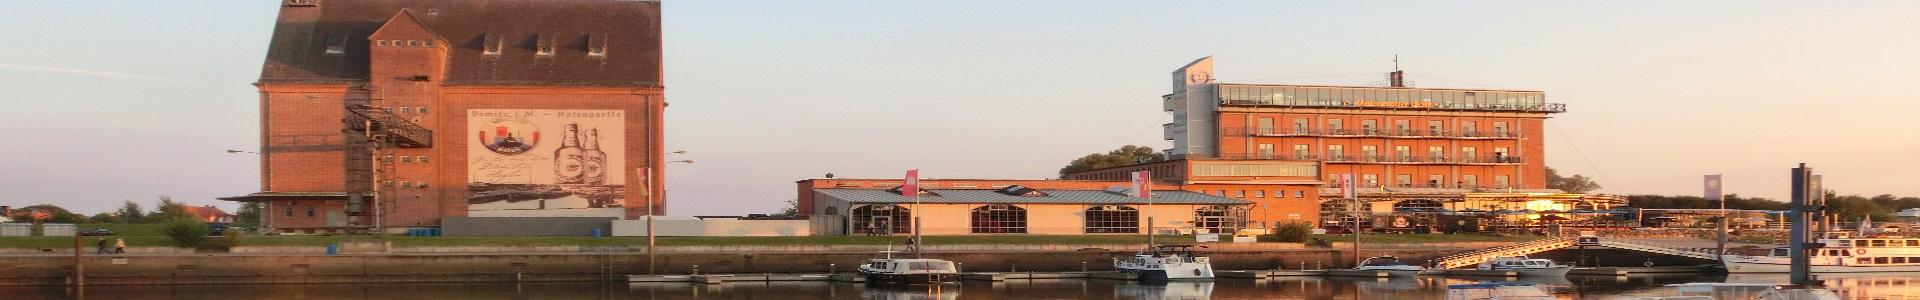 Abendsonne mit Hafenpanorama in Dömitz